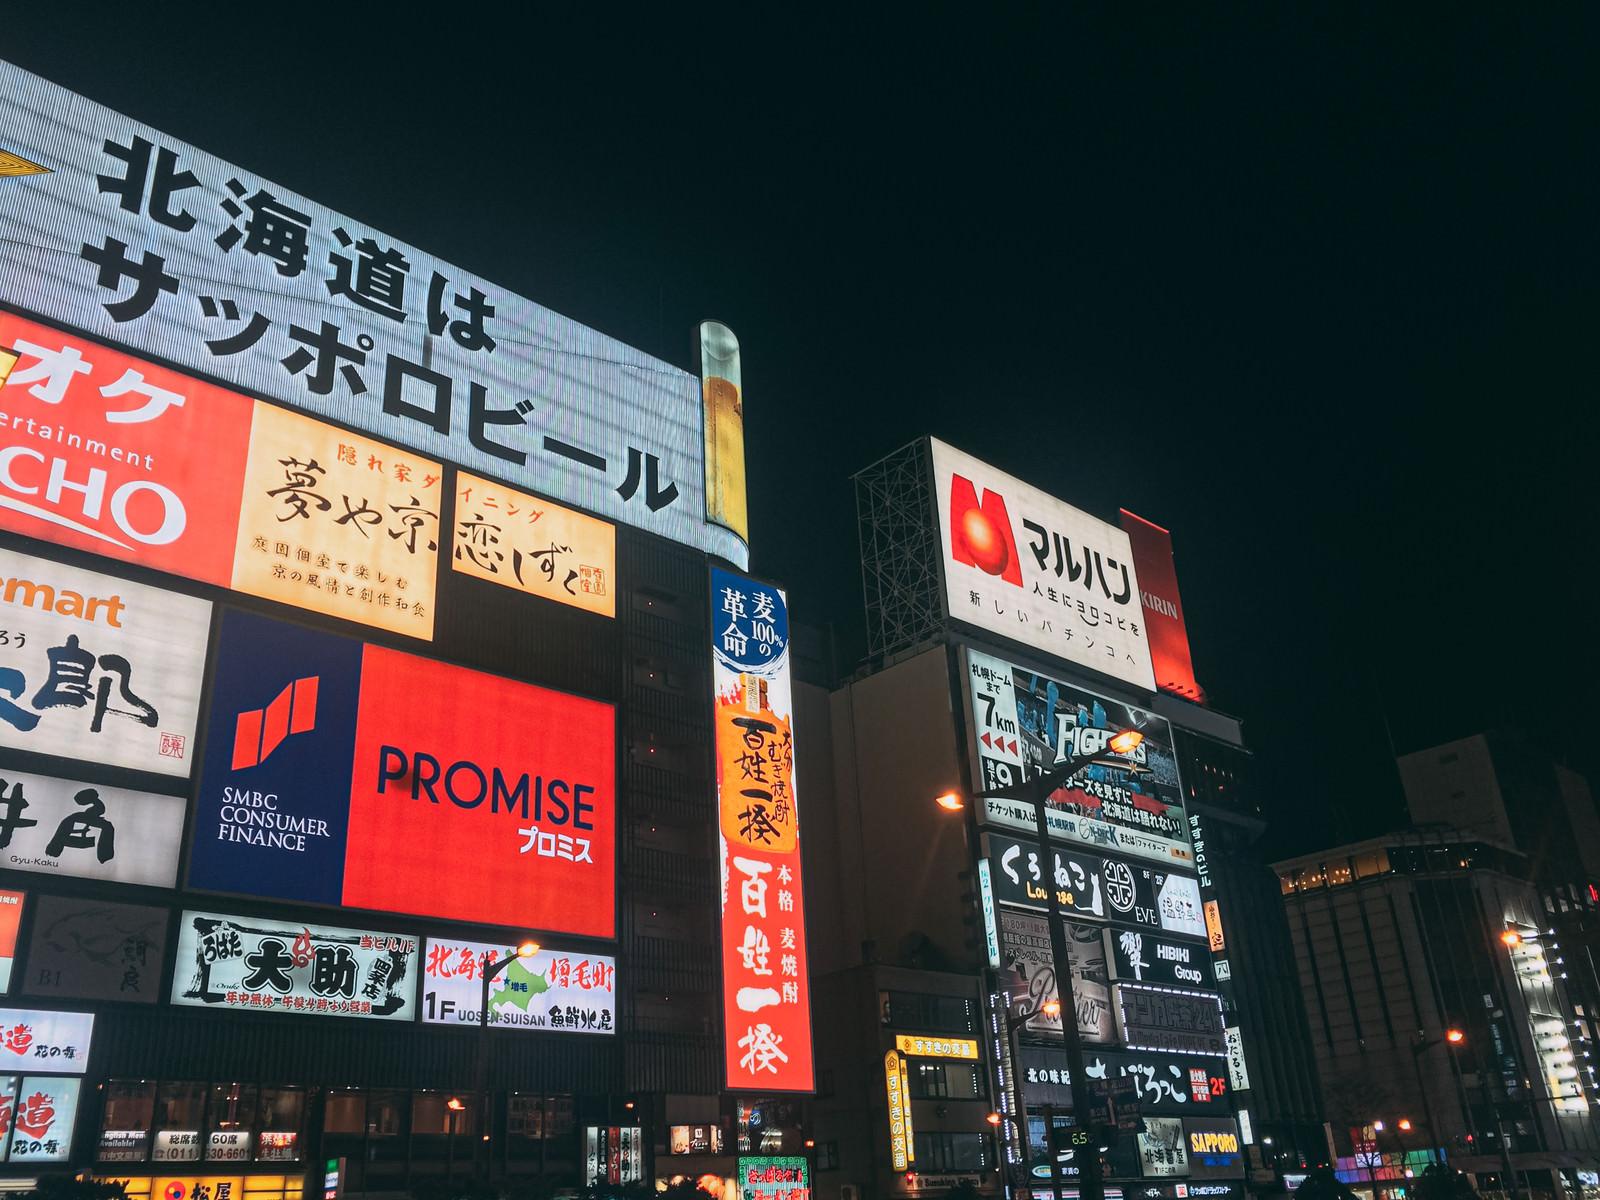 「日本三大歓楽街の一つである夜のすすきの歓楽街」の写真